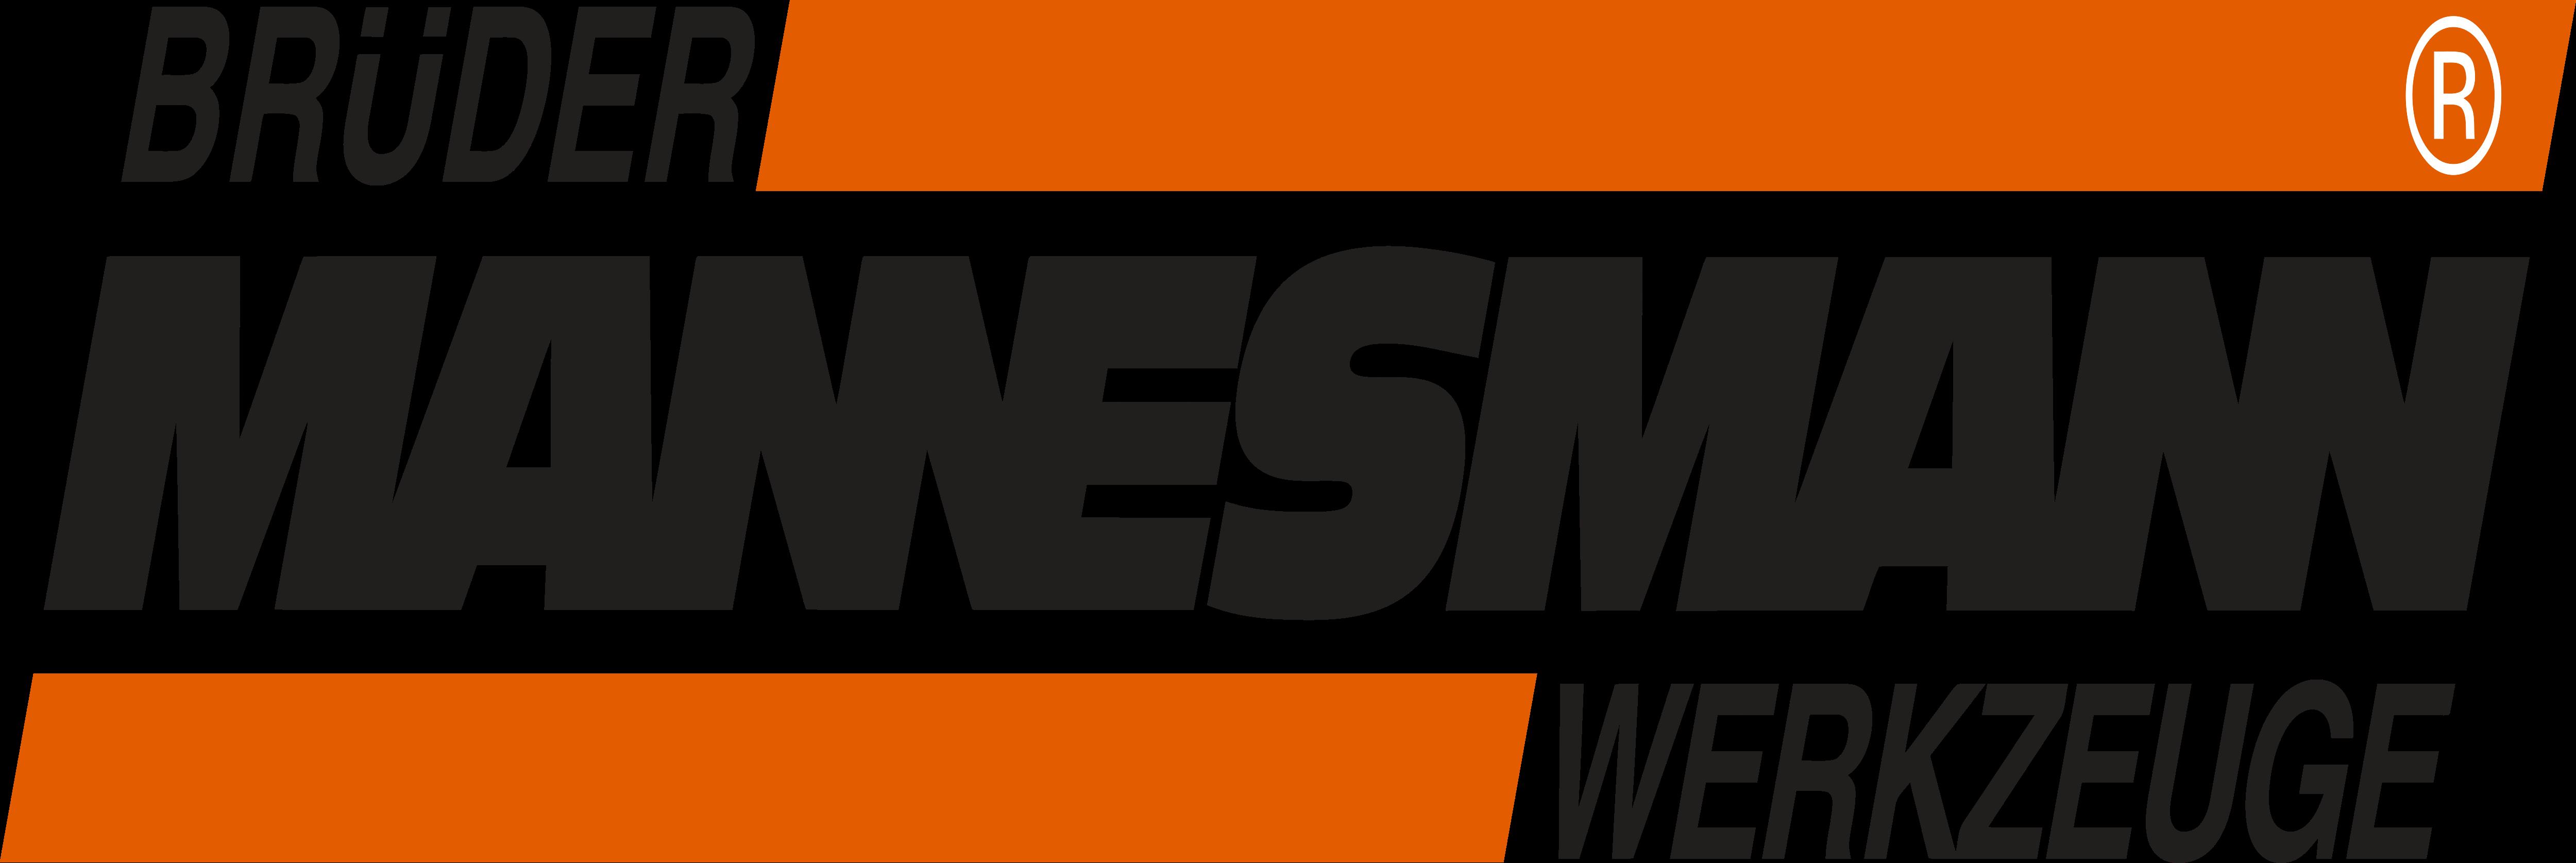 Bruder Mannesmann Werkzeuge Logos Download